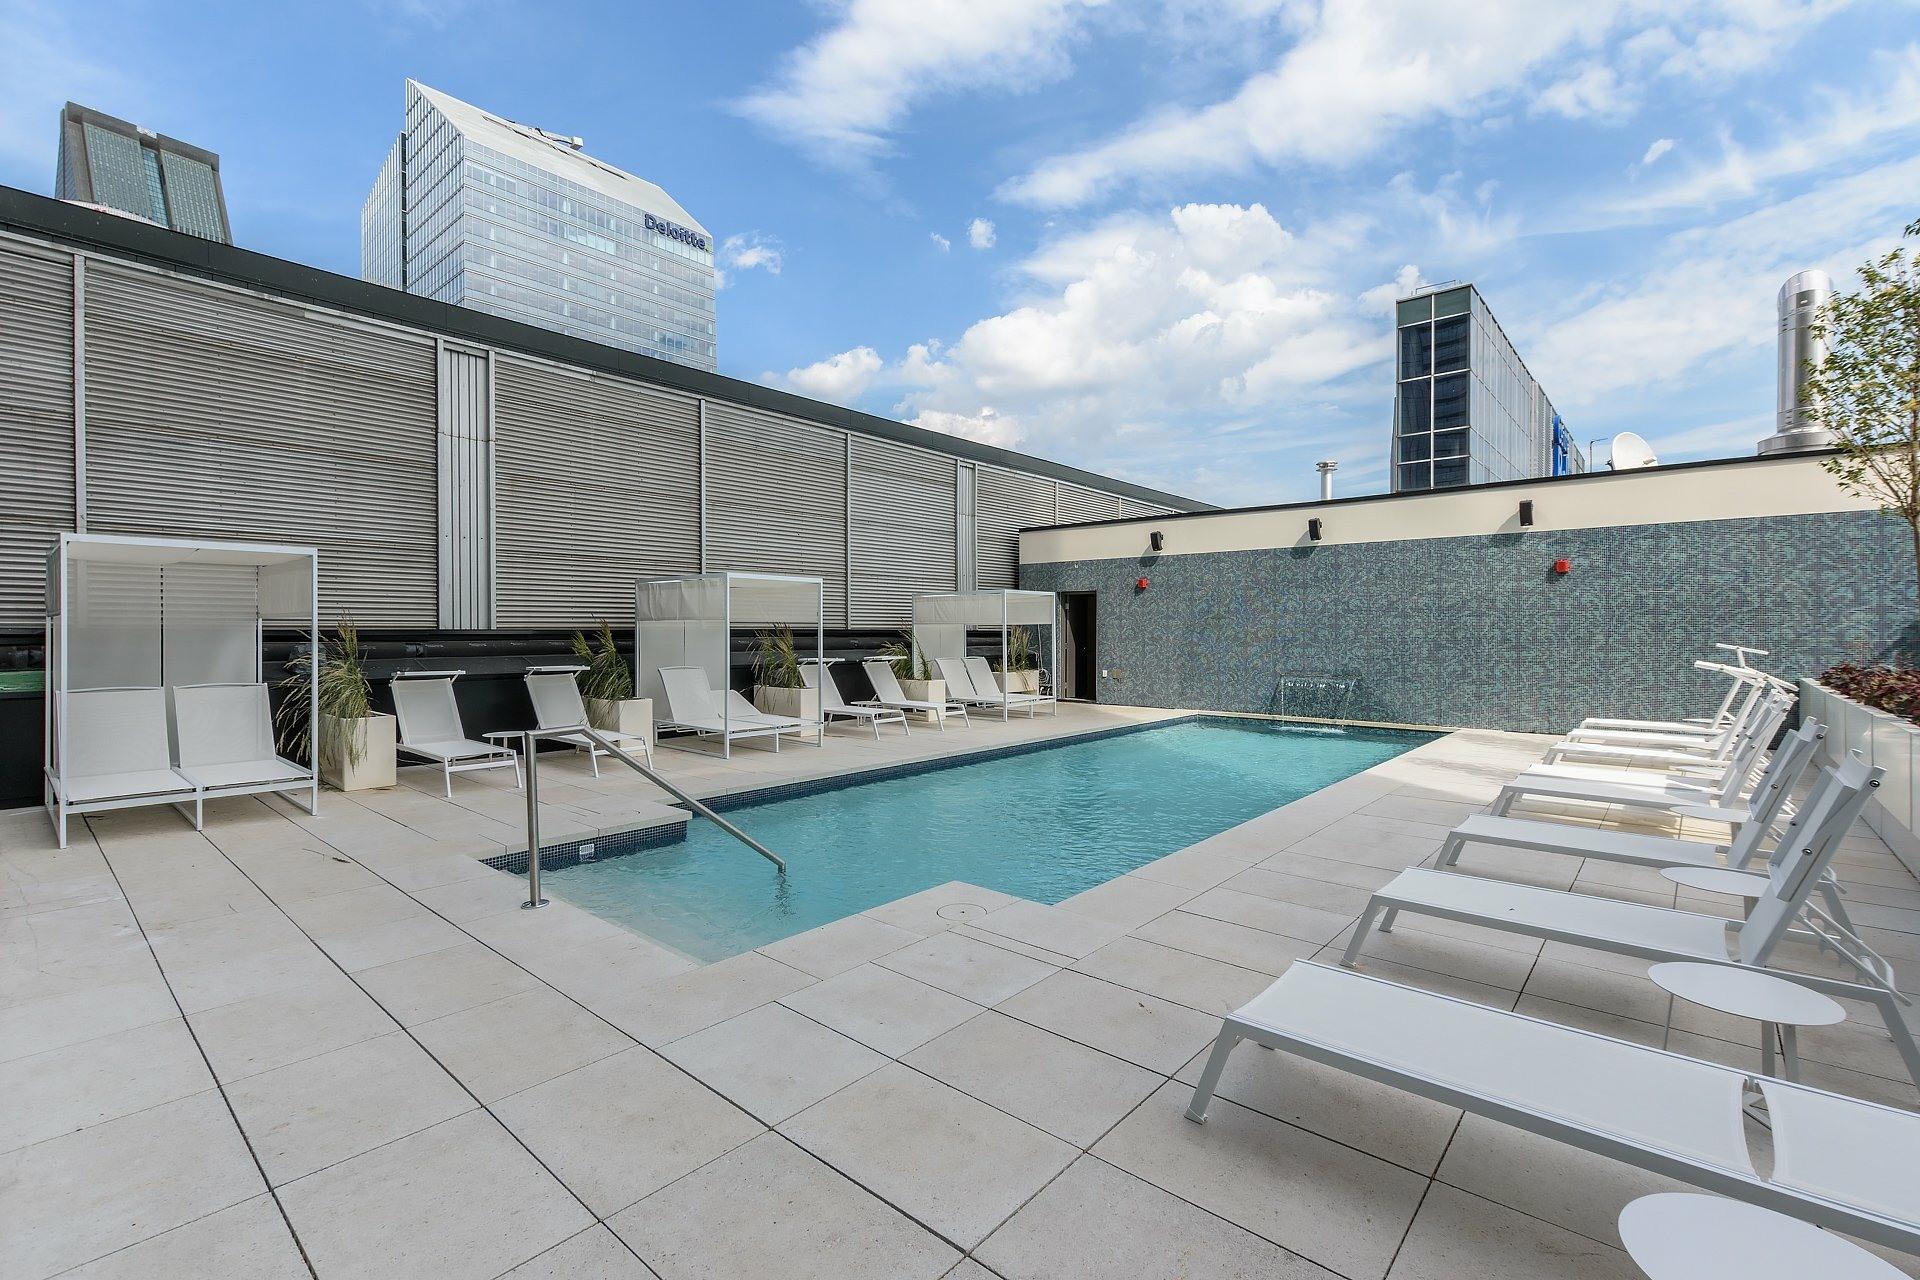 image 22 - Apartment For rent Montréal Ville-Marie  - 4 rooms